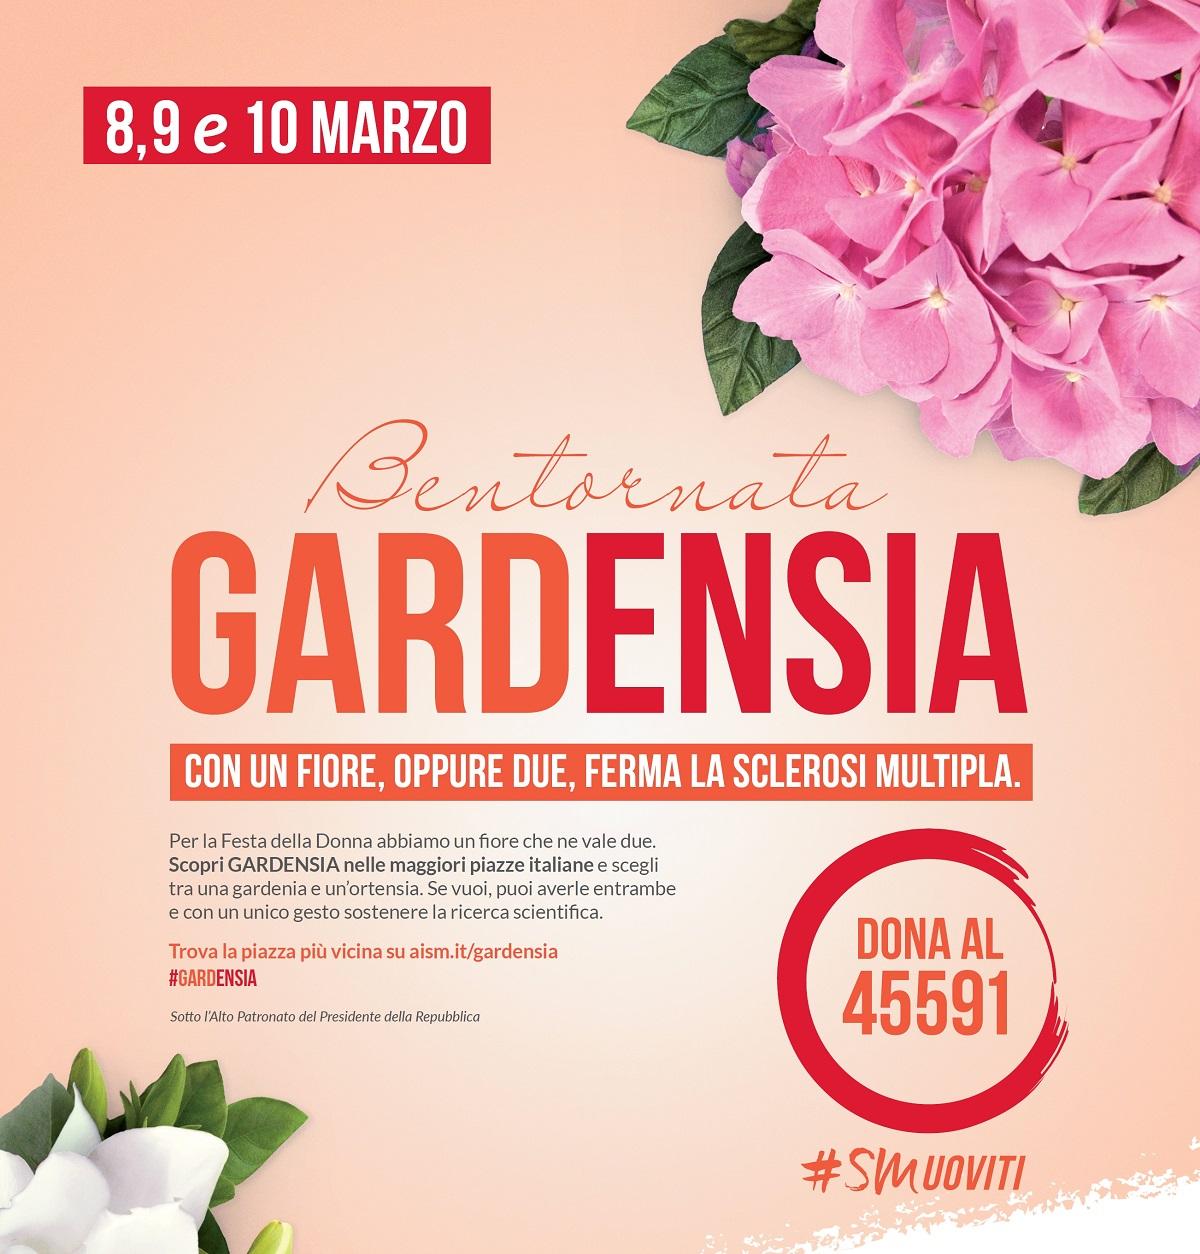 Bentornata Gardensia, in 5 mila piazze italiane per la Festa della Donna